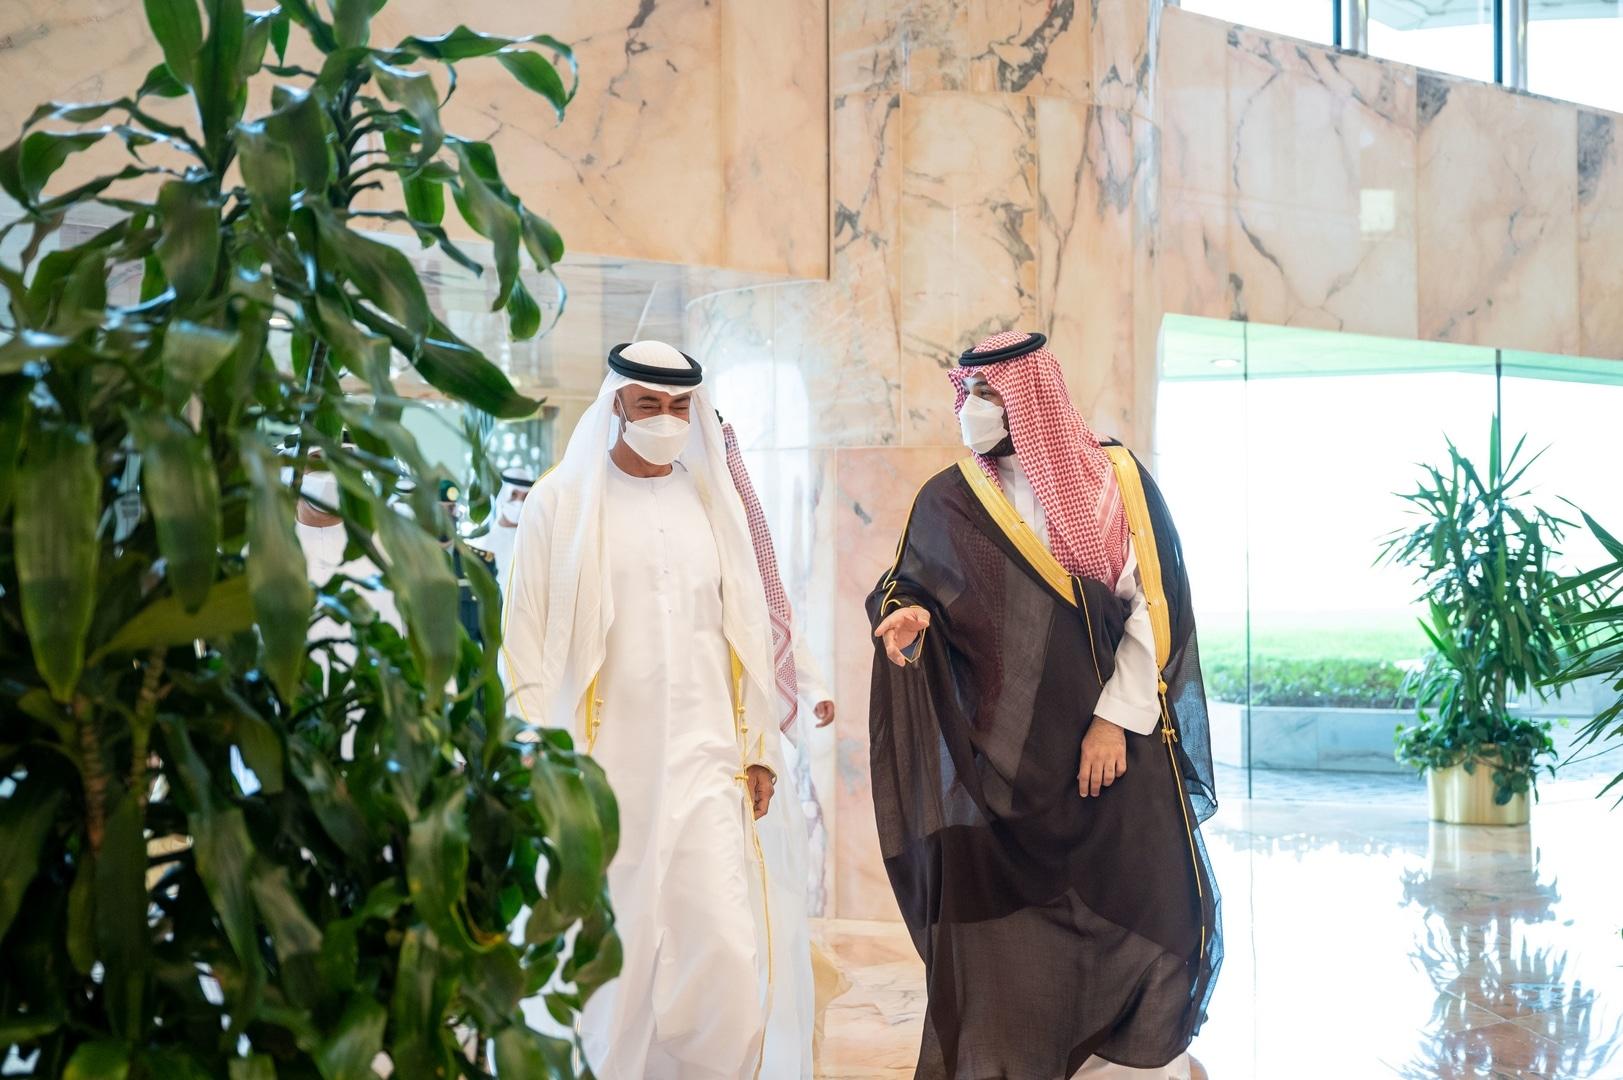 عبدالخالق عبدالله يُقر بتوتر العلاقة بين الرياض وأبوظبي: ما زلنا في الخمس دقائق الأولى